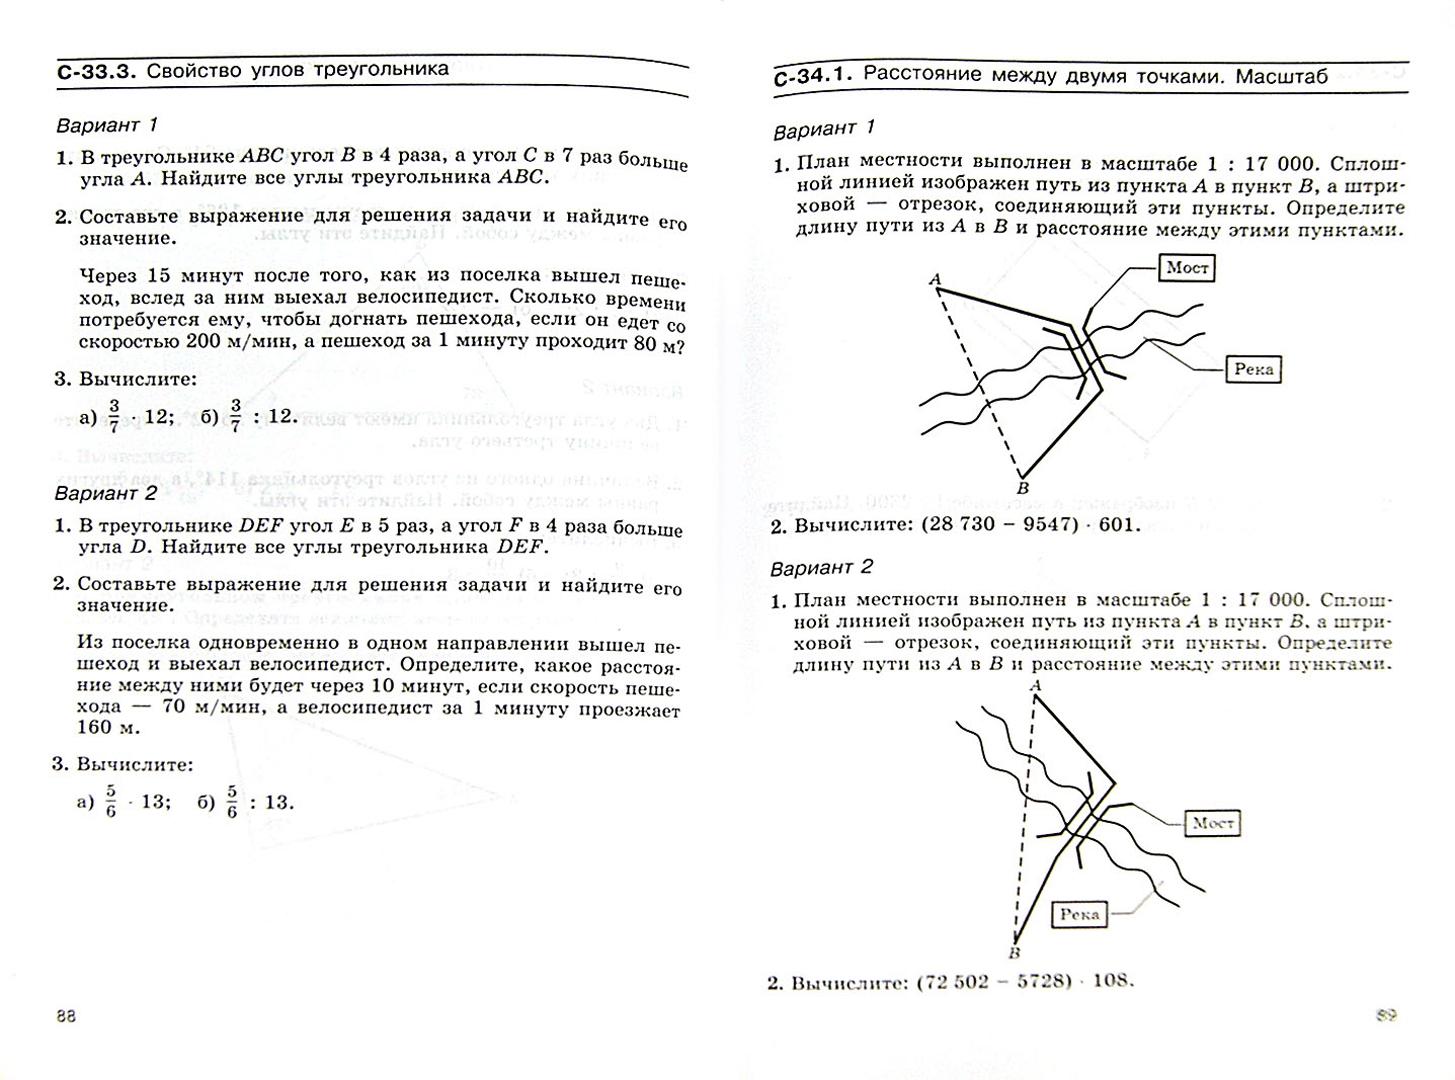 Иллюстрация 1 из 9 для Математика. 5 класс. Самостоятельные работы. ФГОС - Зубарева, Мильштейн, Шанцева | Лабиринт - книги. Источник: Лабиринт